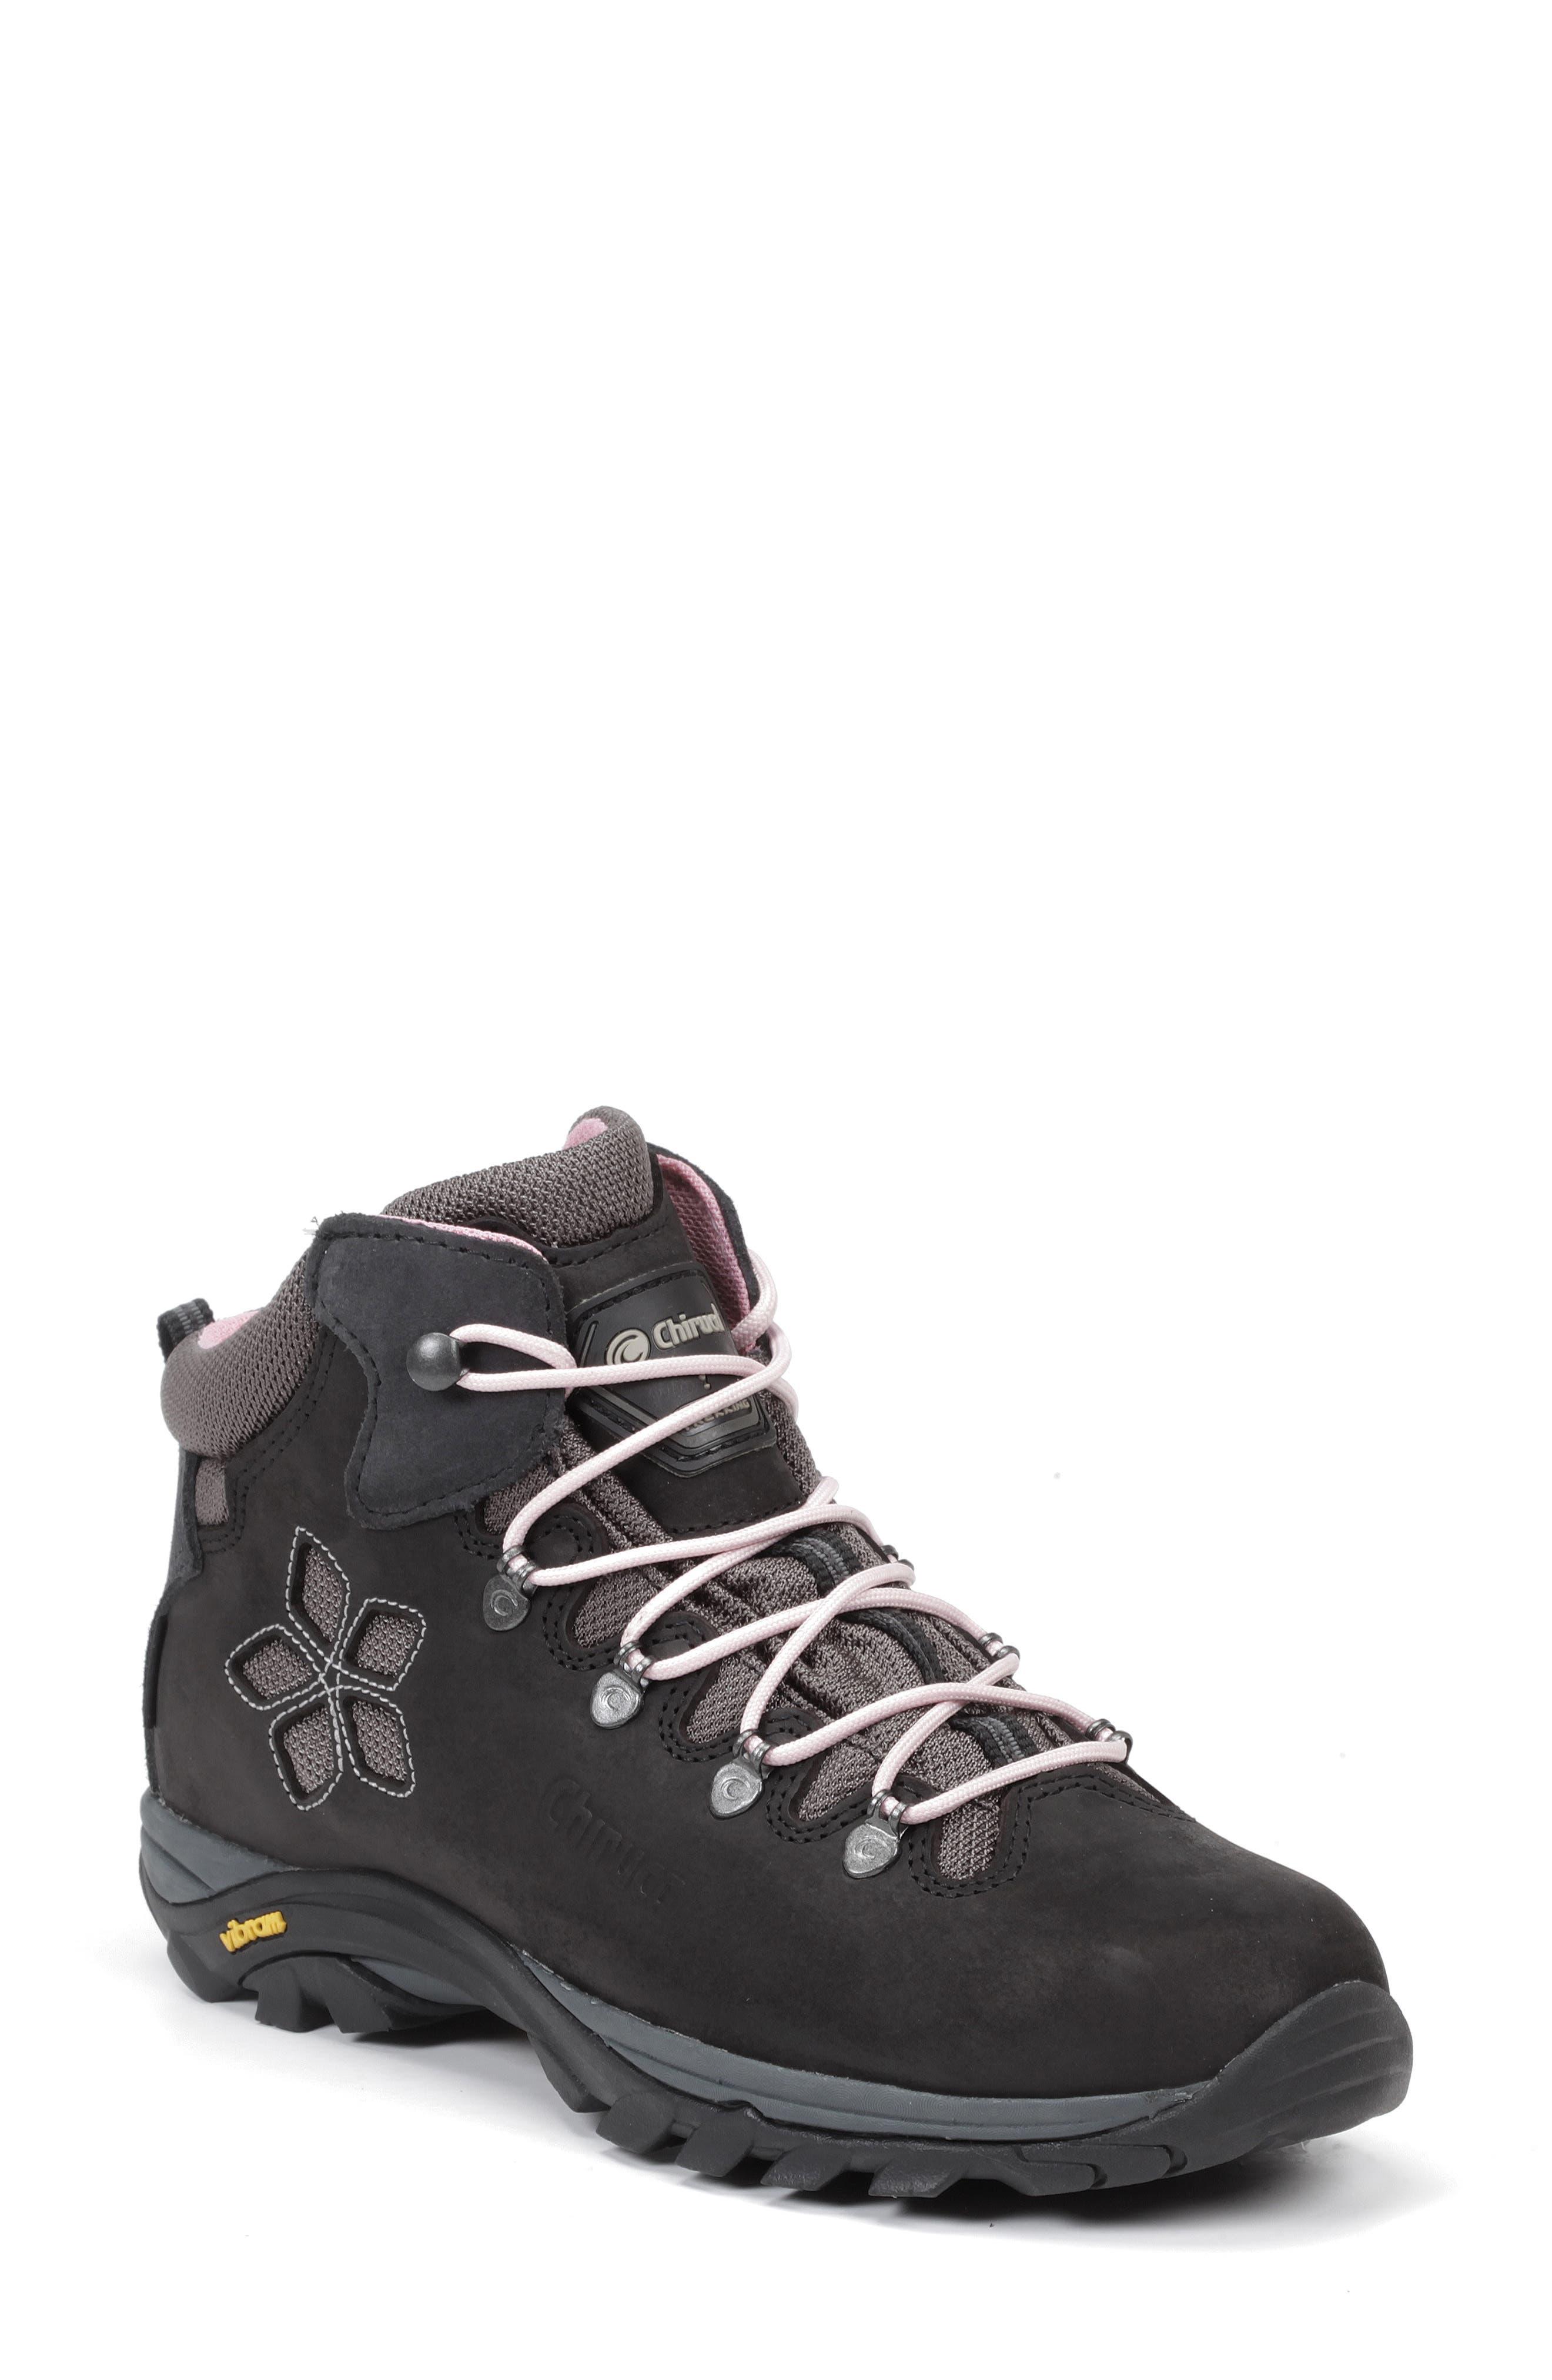 Monique Gore-Tex Waterproof Hiking Boot